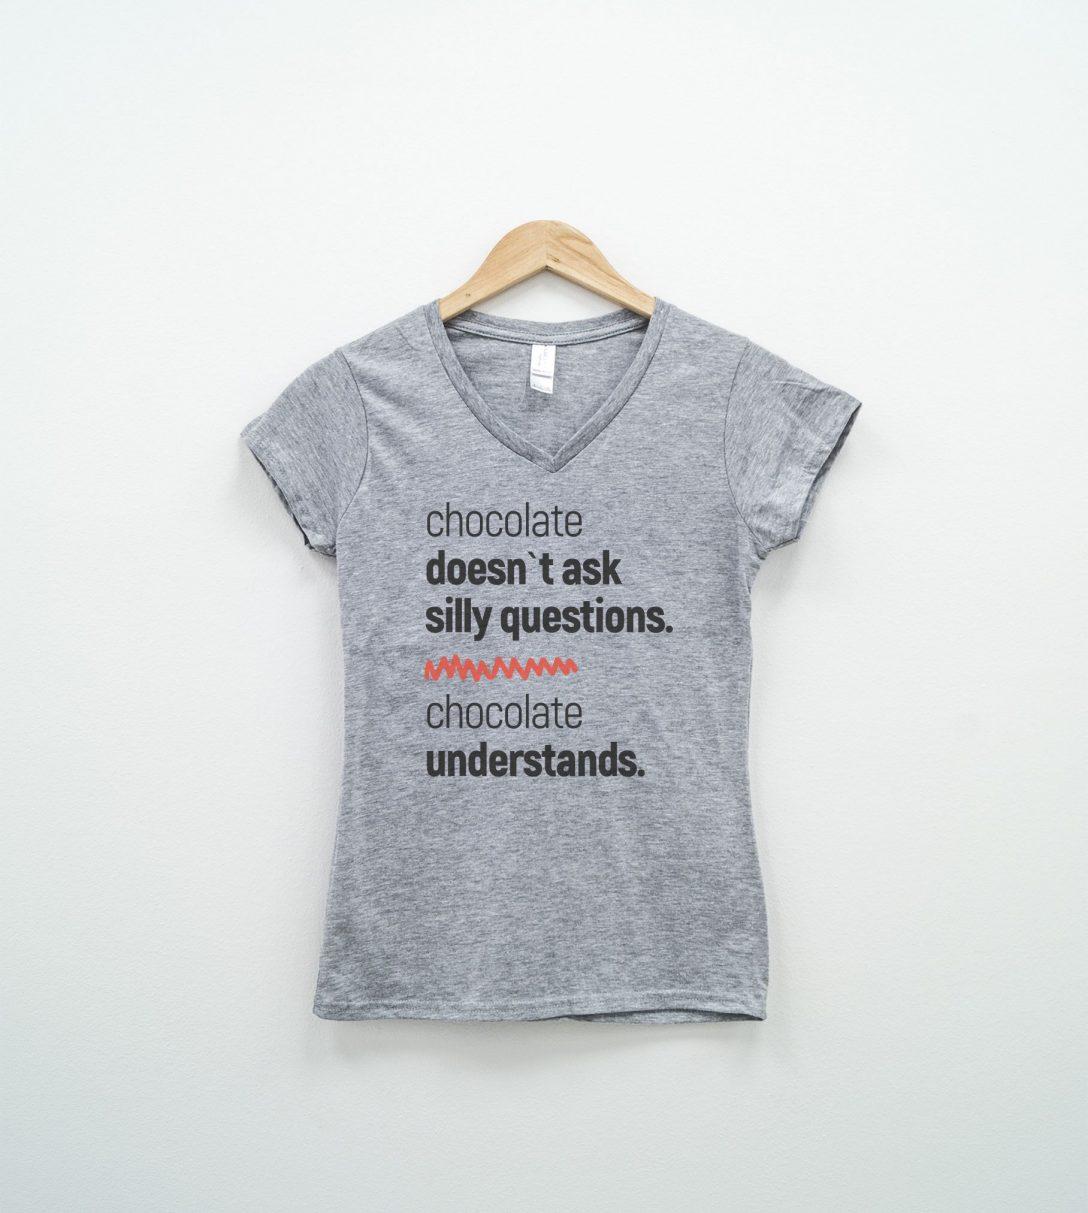 Large Size of Moderne Damen T Shirts Mit Sprchen Sprüche Wandtattoo Bettwäsche Coole T Shirt Lustige Shirt Männer Junggesellinnenabschied Junggesellenabschied Wandtattoos Küche Coole T Shirt Sprüche